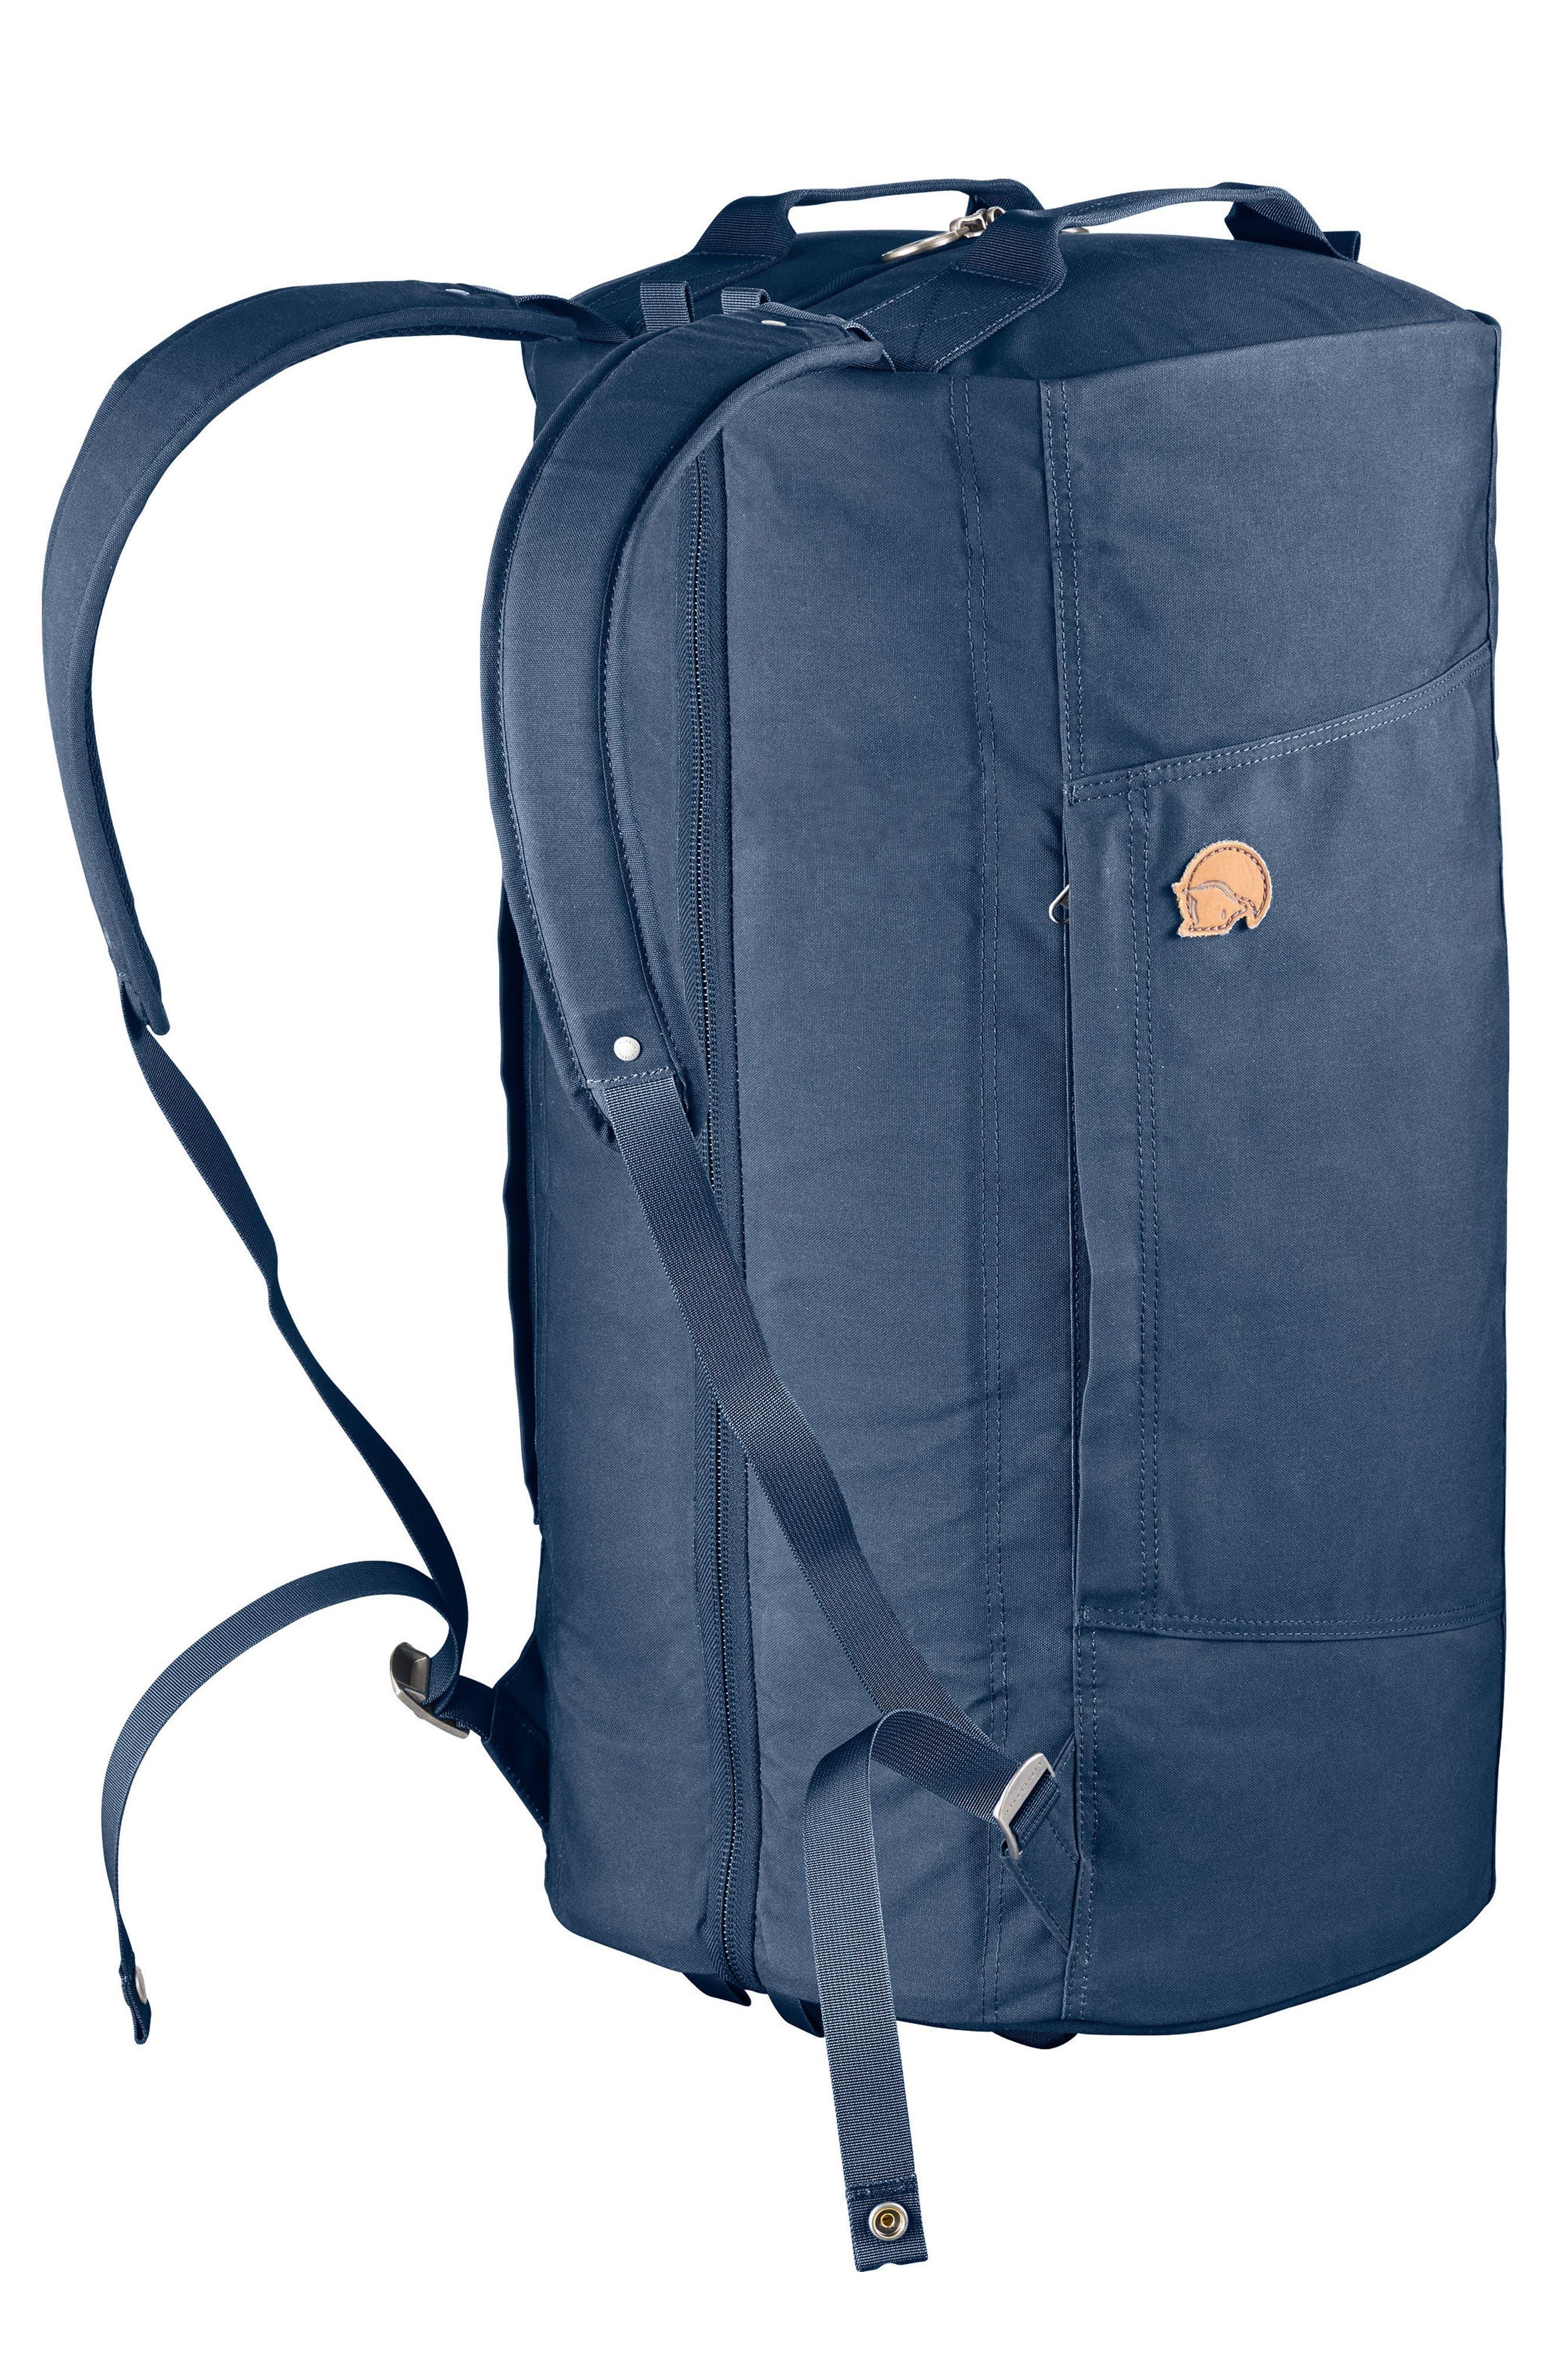 Splitpack Large Backpack